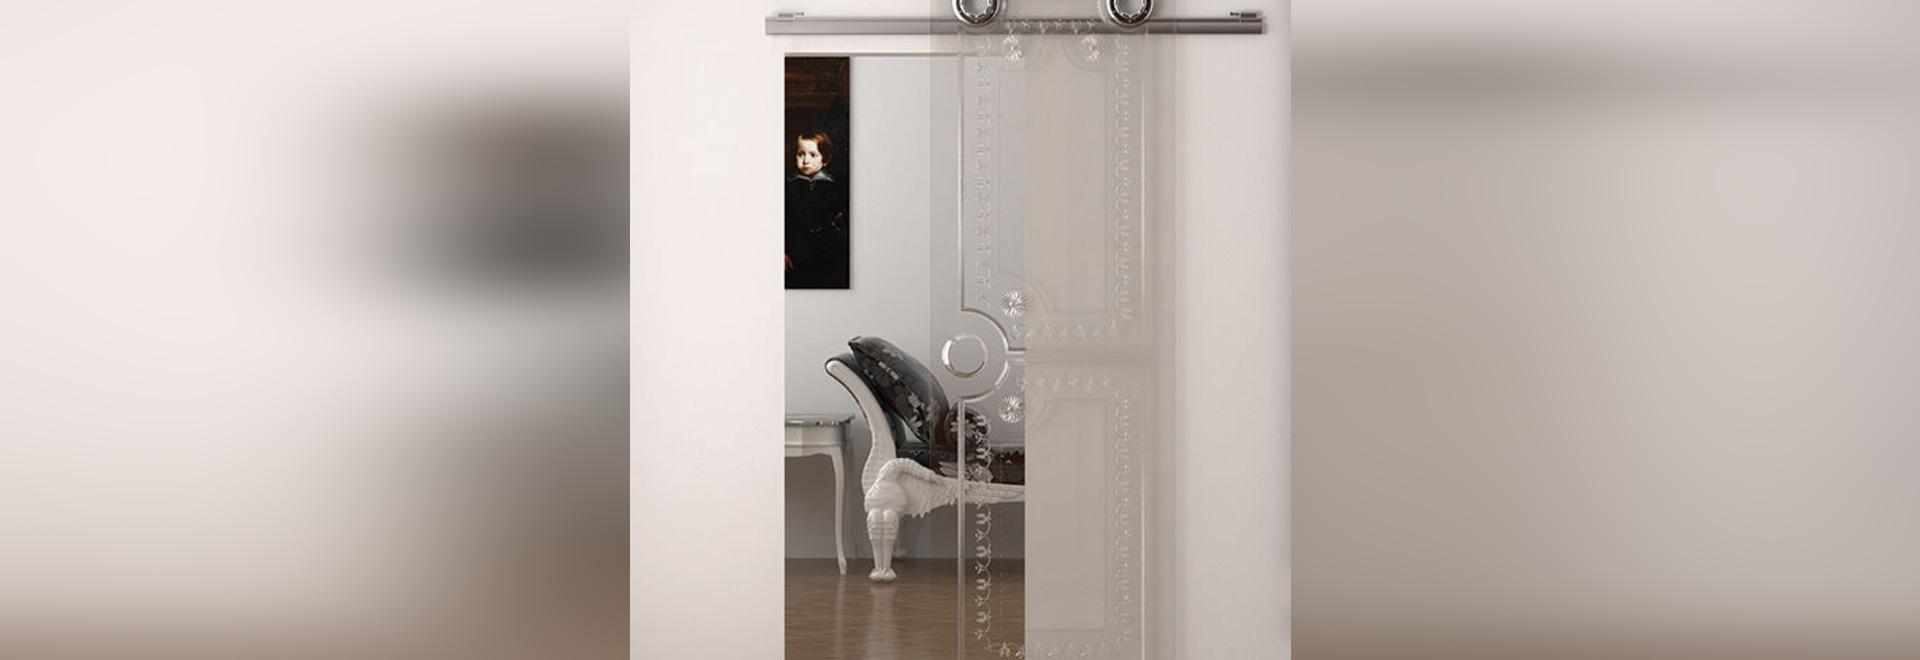 NOVITÀ: sistema scorrevole per porte in vetro by KRONA KOBLENZ SpA